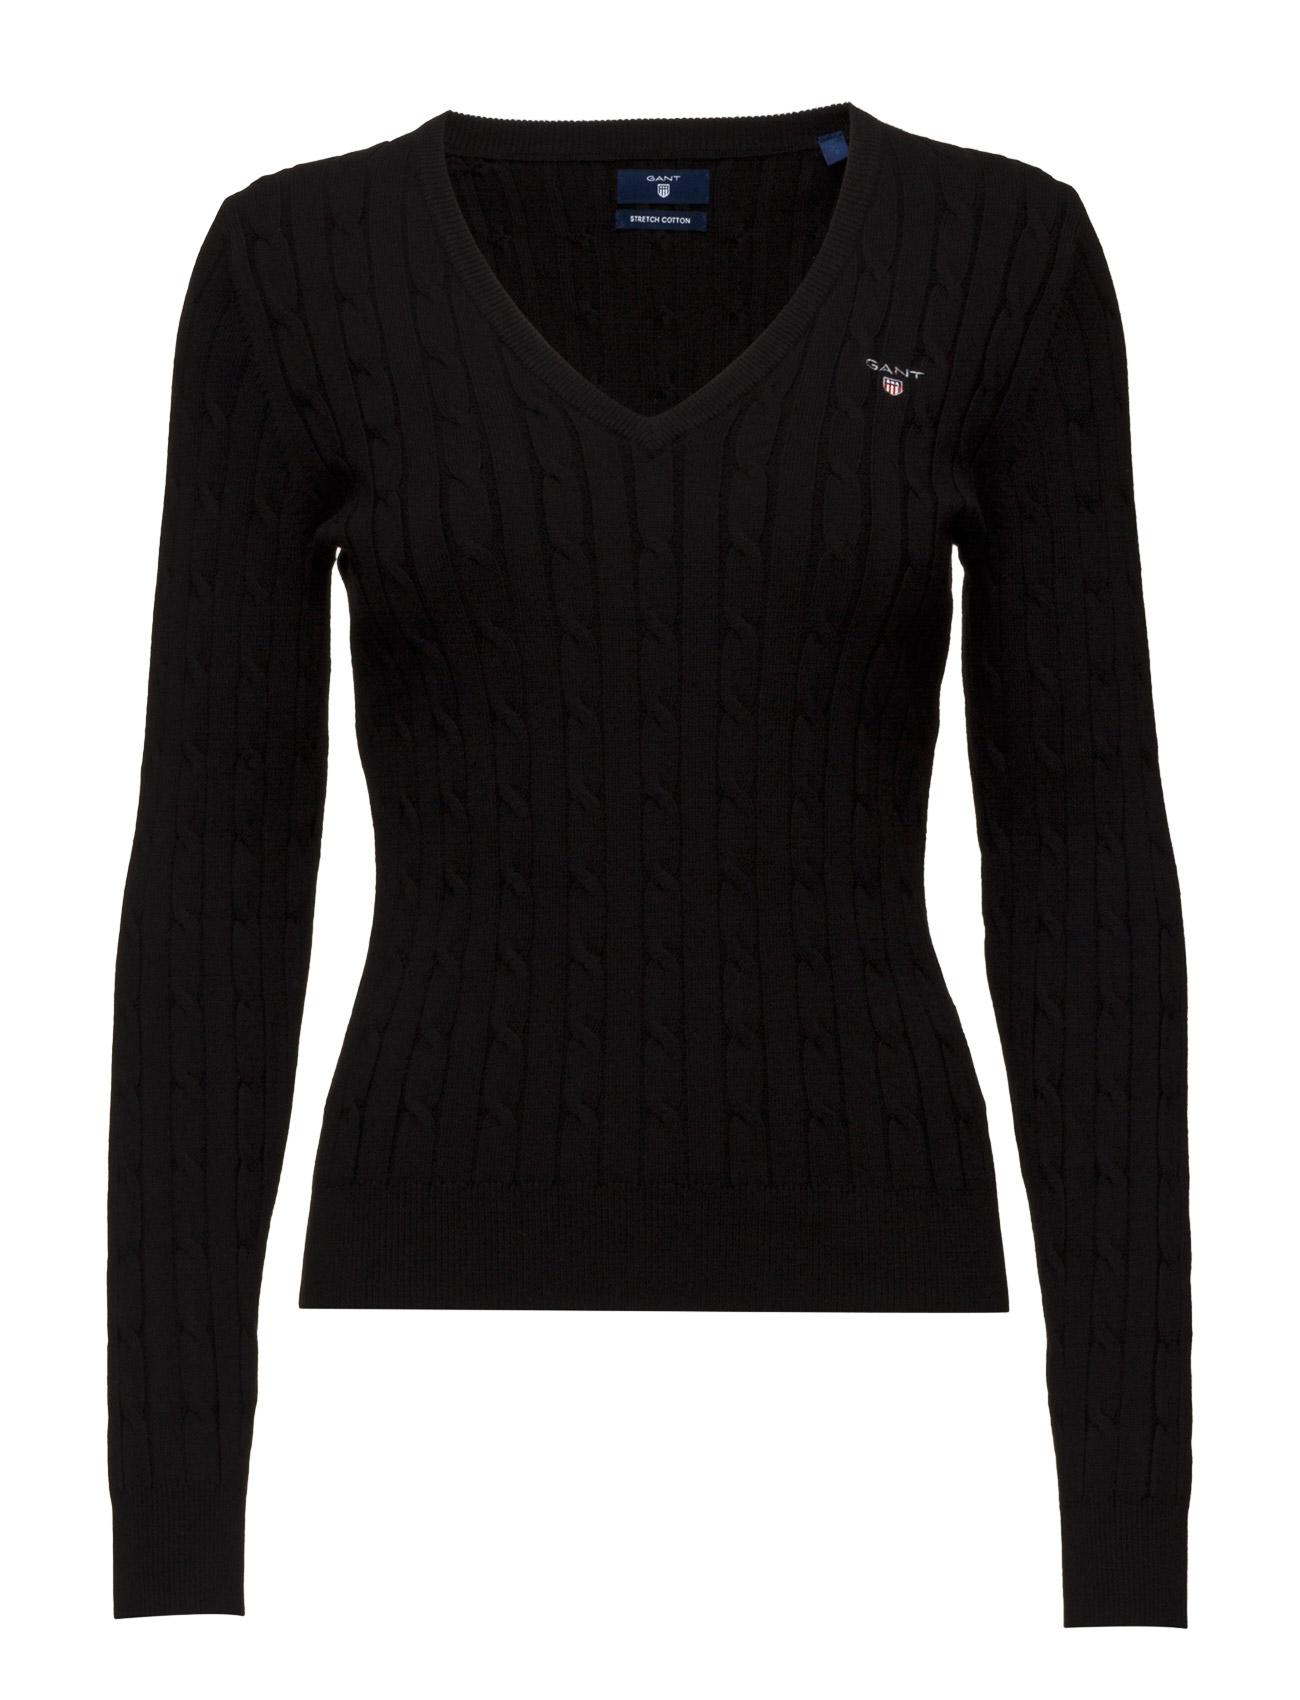 Stretch Cotton Cable V-Neck GANT Sweatshirts til Damer i Sort